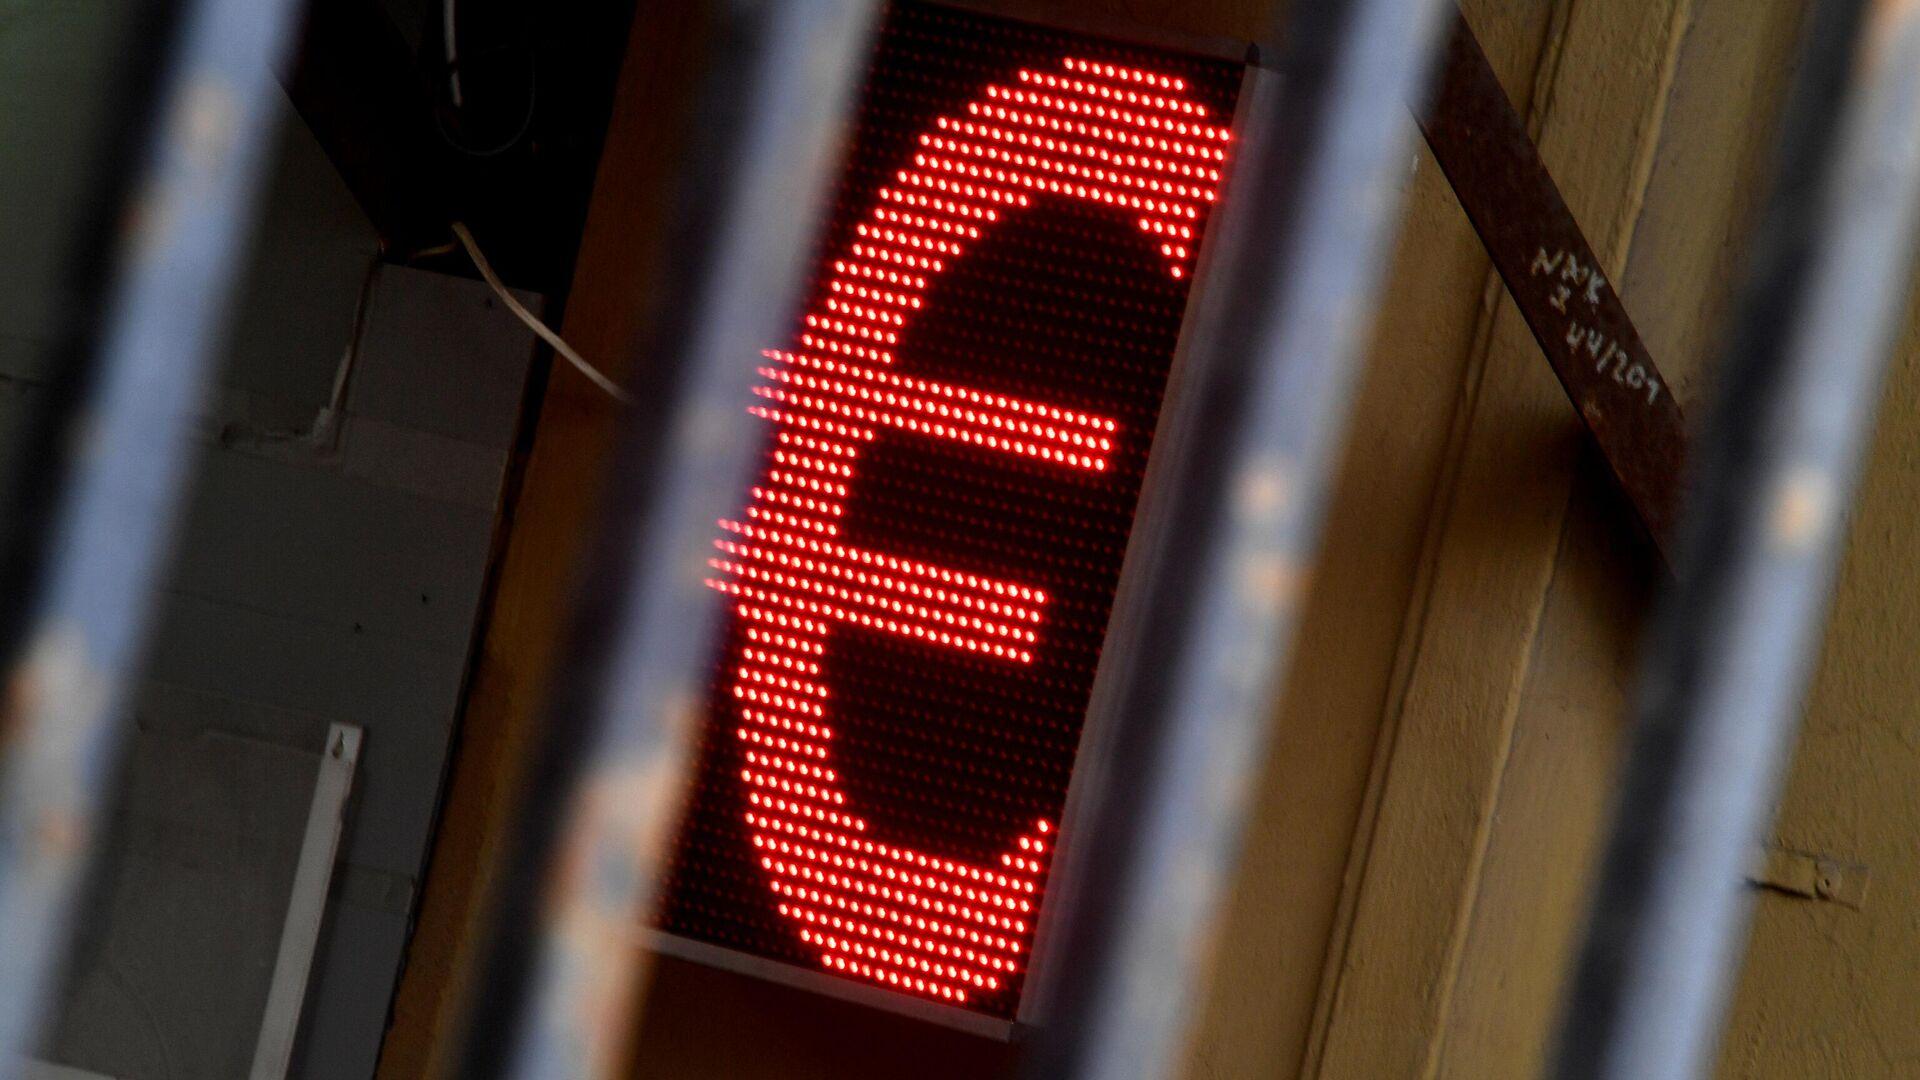 Электронное табло со знаком евро  - РИА Новости, 1920, 27.09.2021